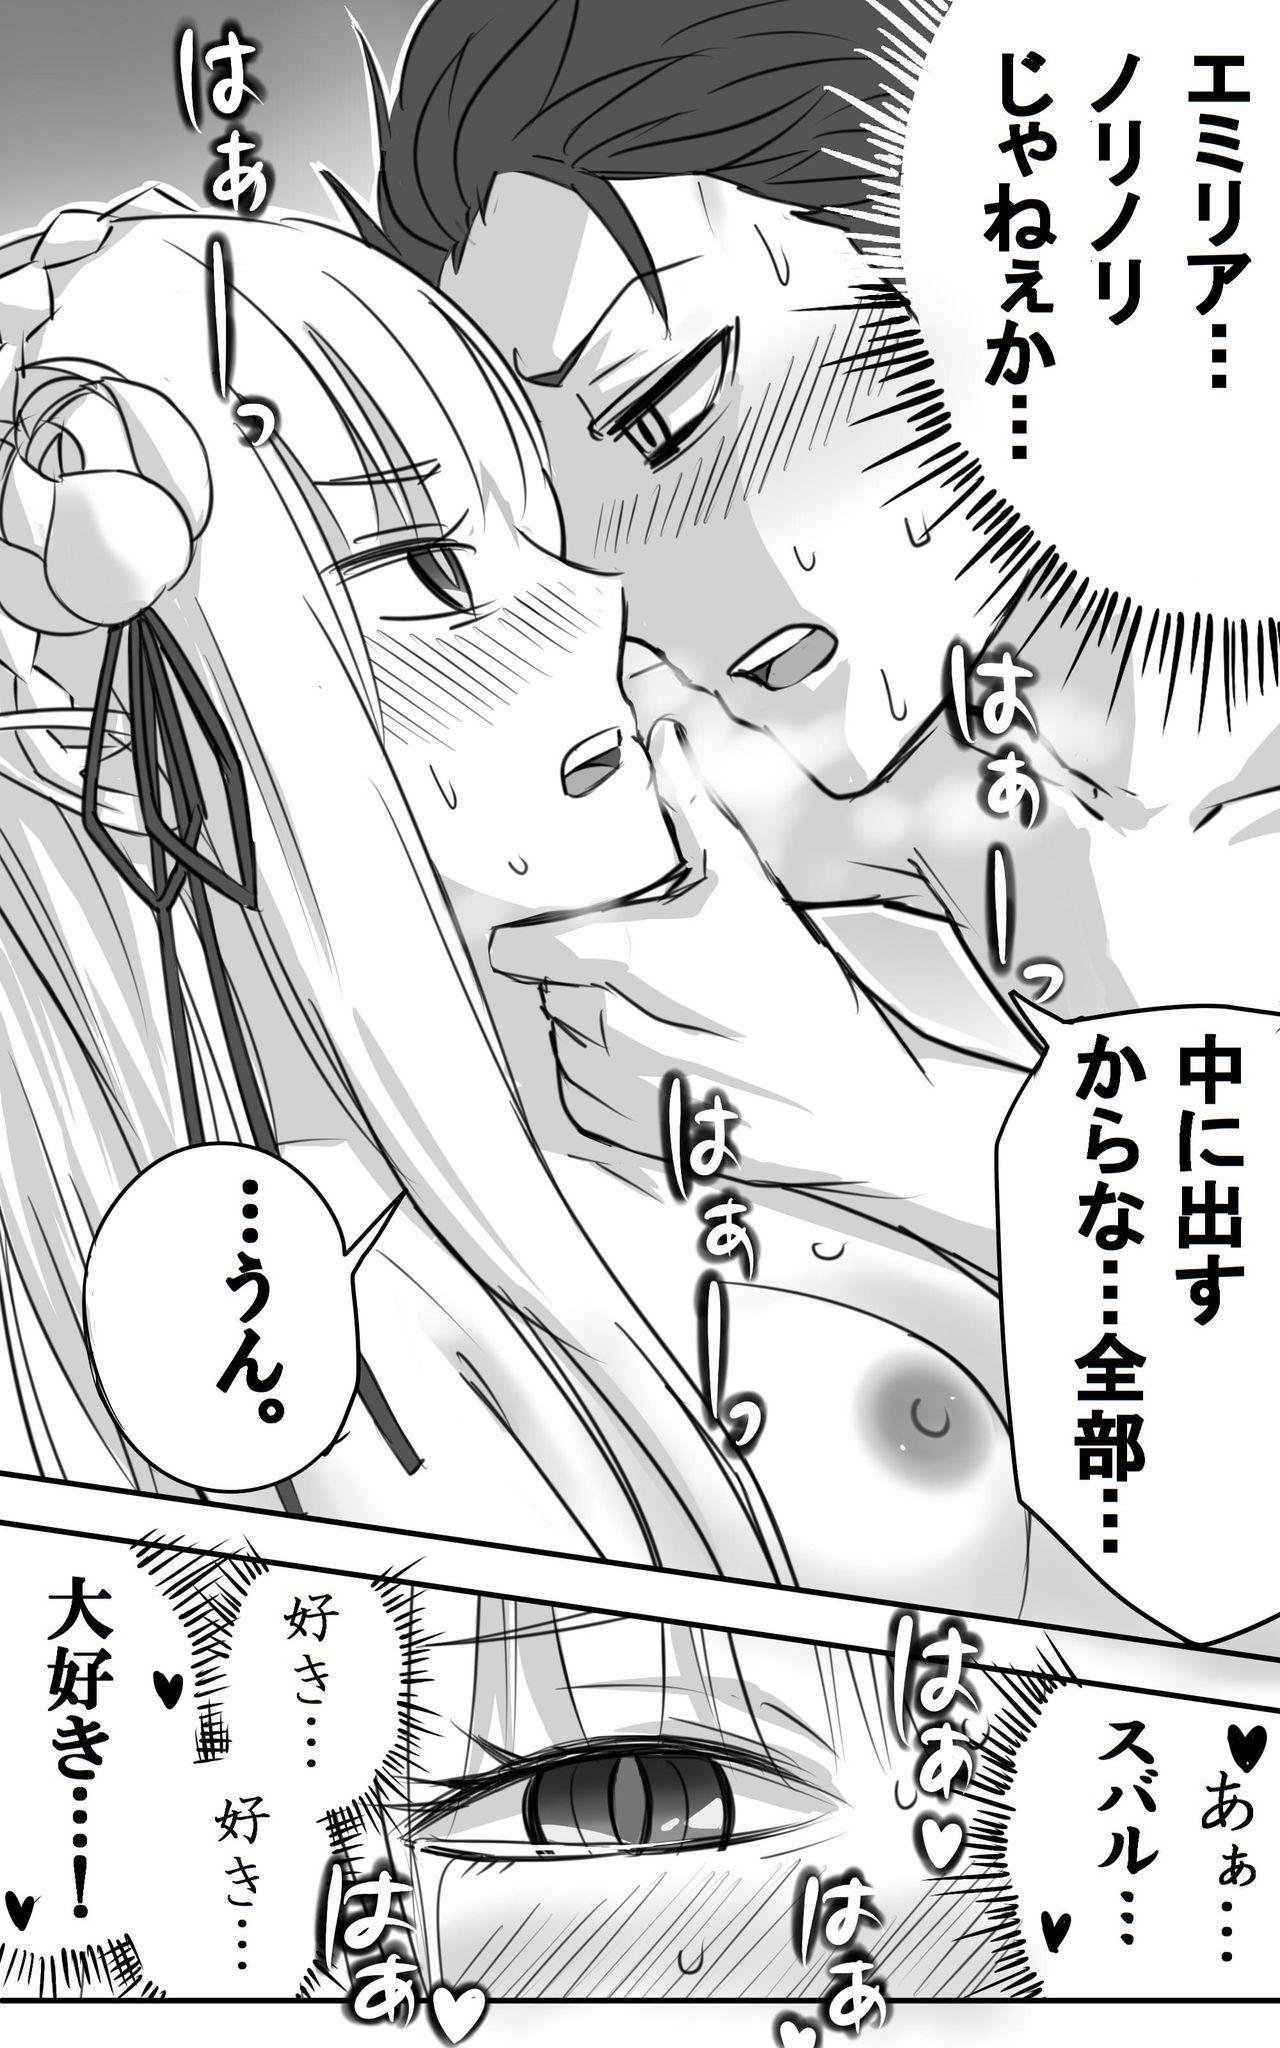 [NIJI-TERU] Emilia-tan to Sugooku Sex Sono 1-10 (Re:Zero kara Hajimeru Isekai Seikatsu) 56